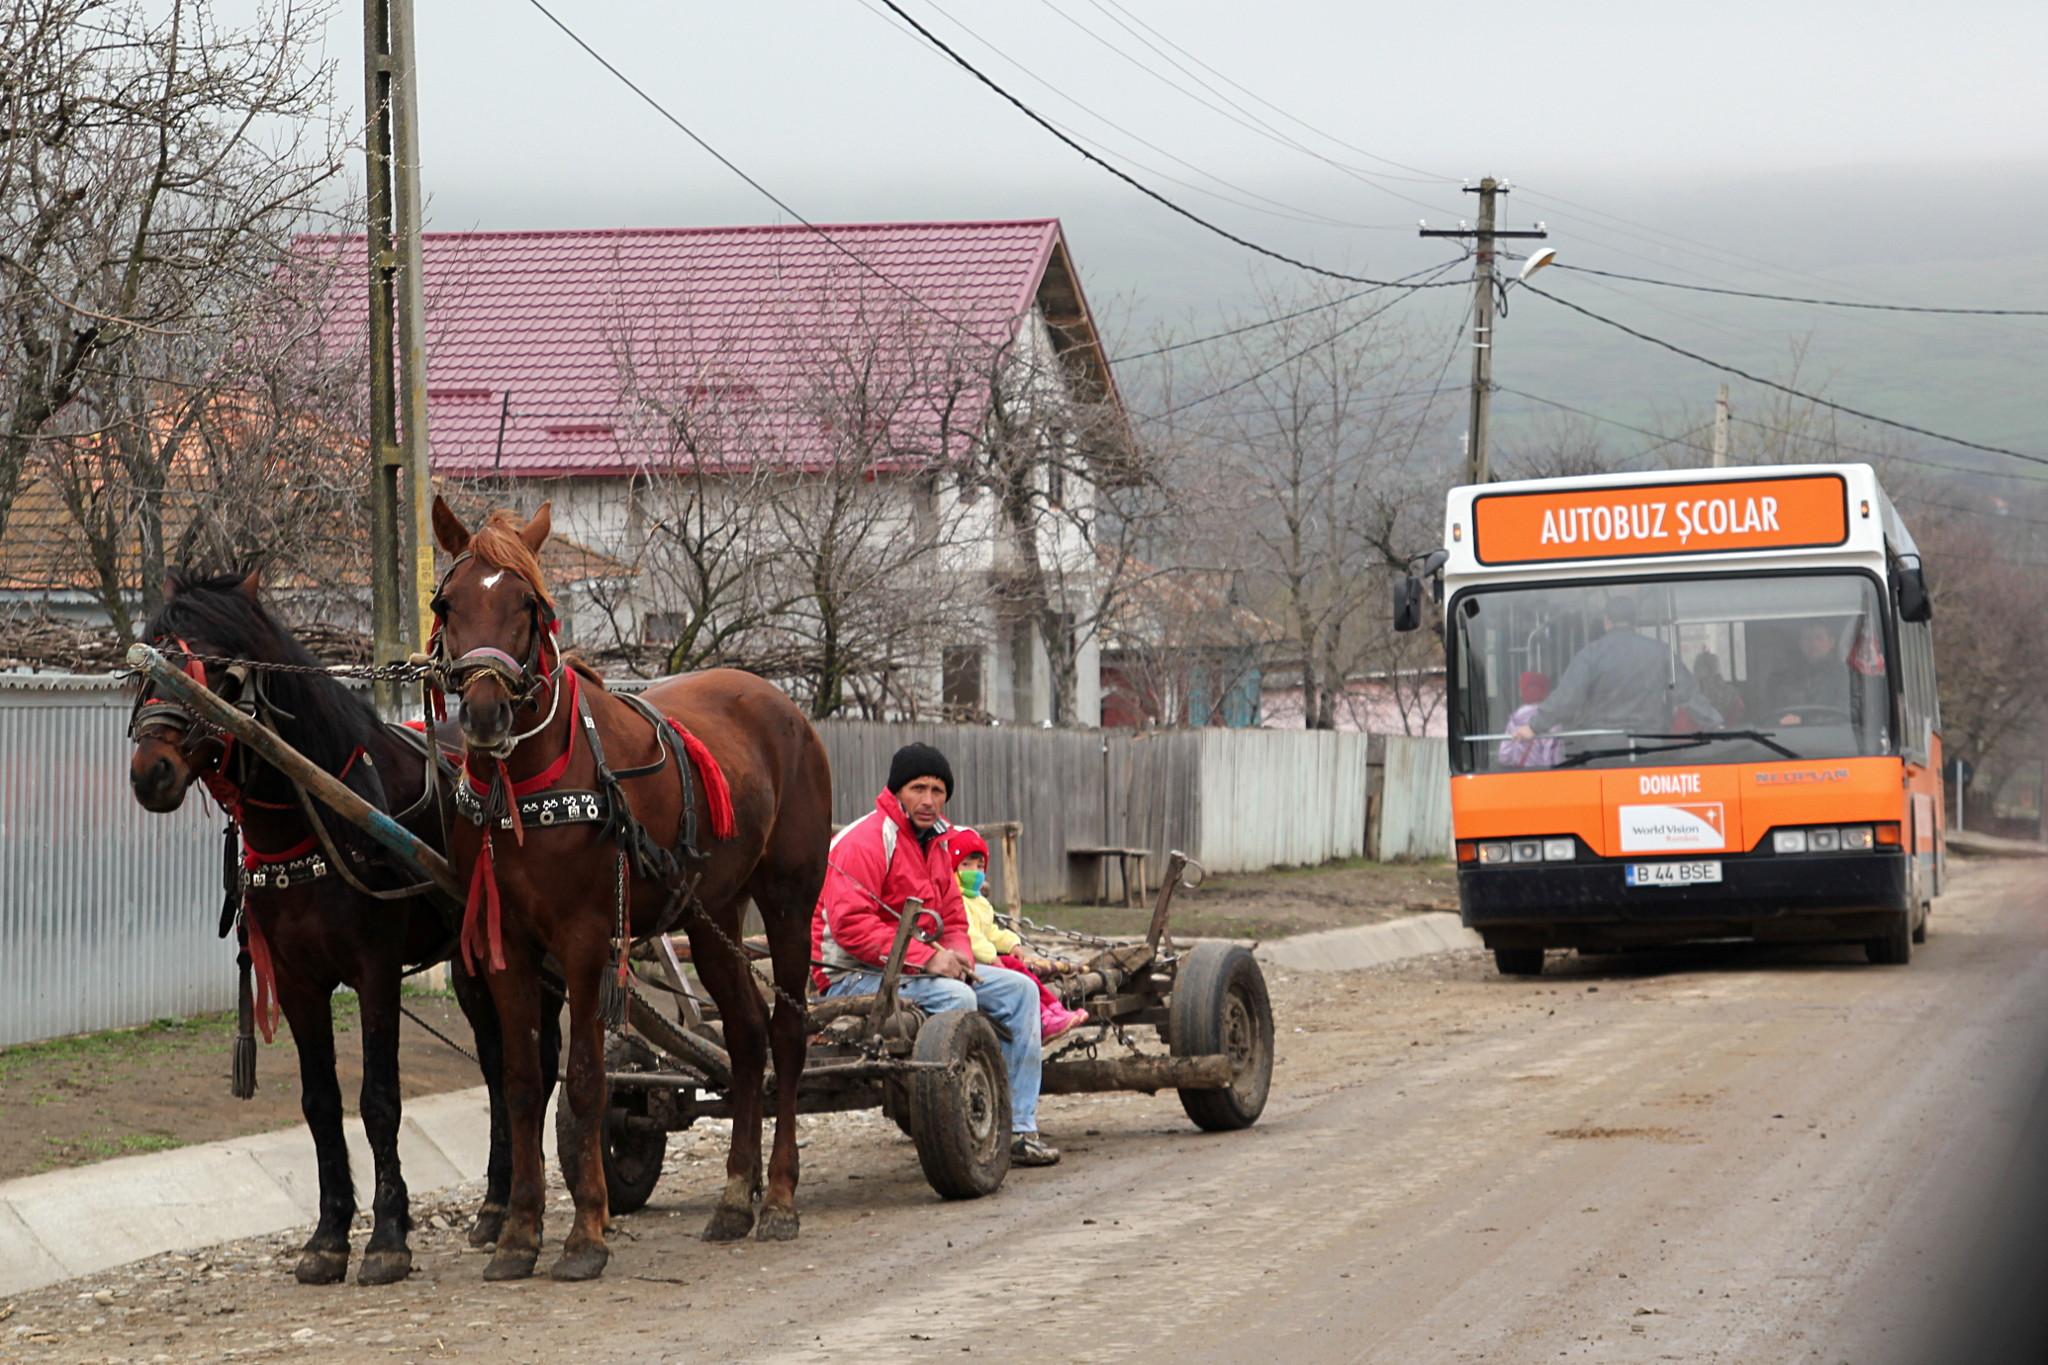 L'autobus del doposcuola - Drăxeni, distretto di Vaslui (foto di G. Comai)